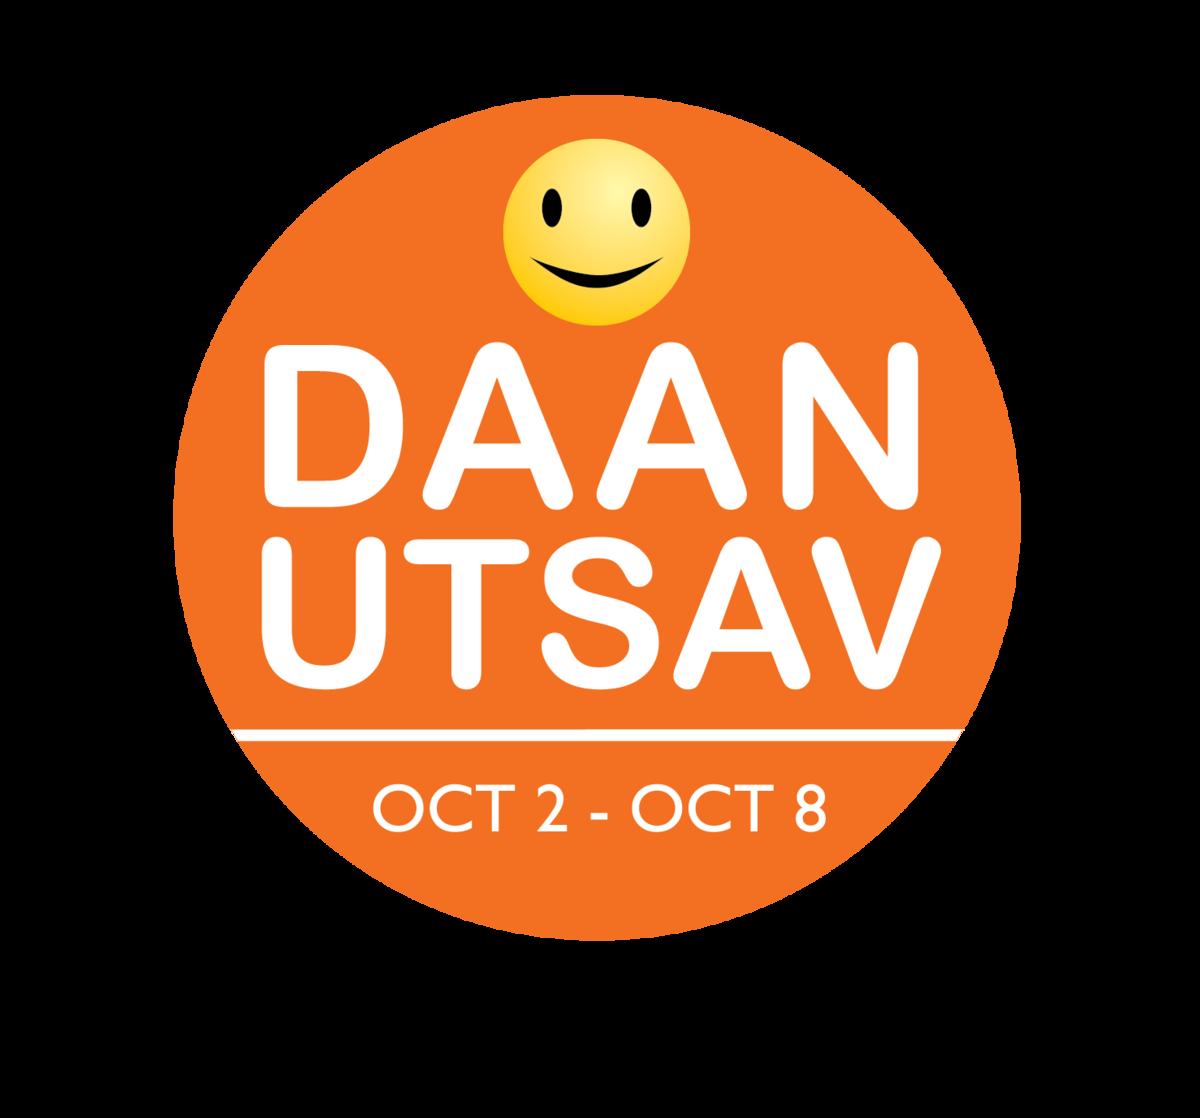 DAAN UTSAV, 2017